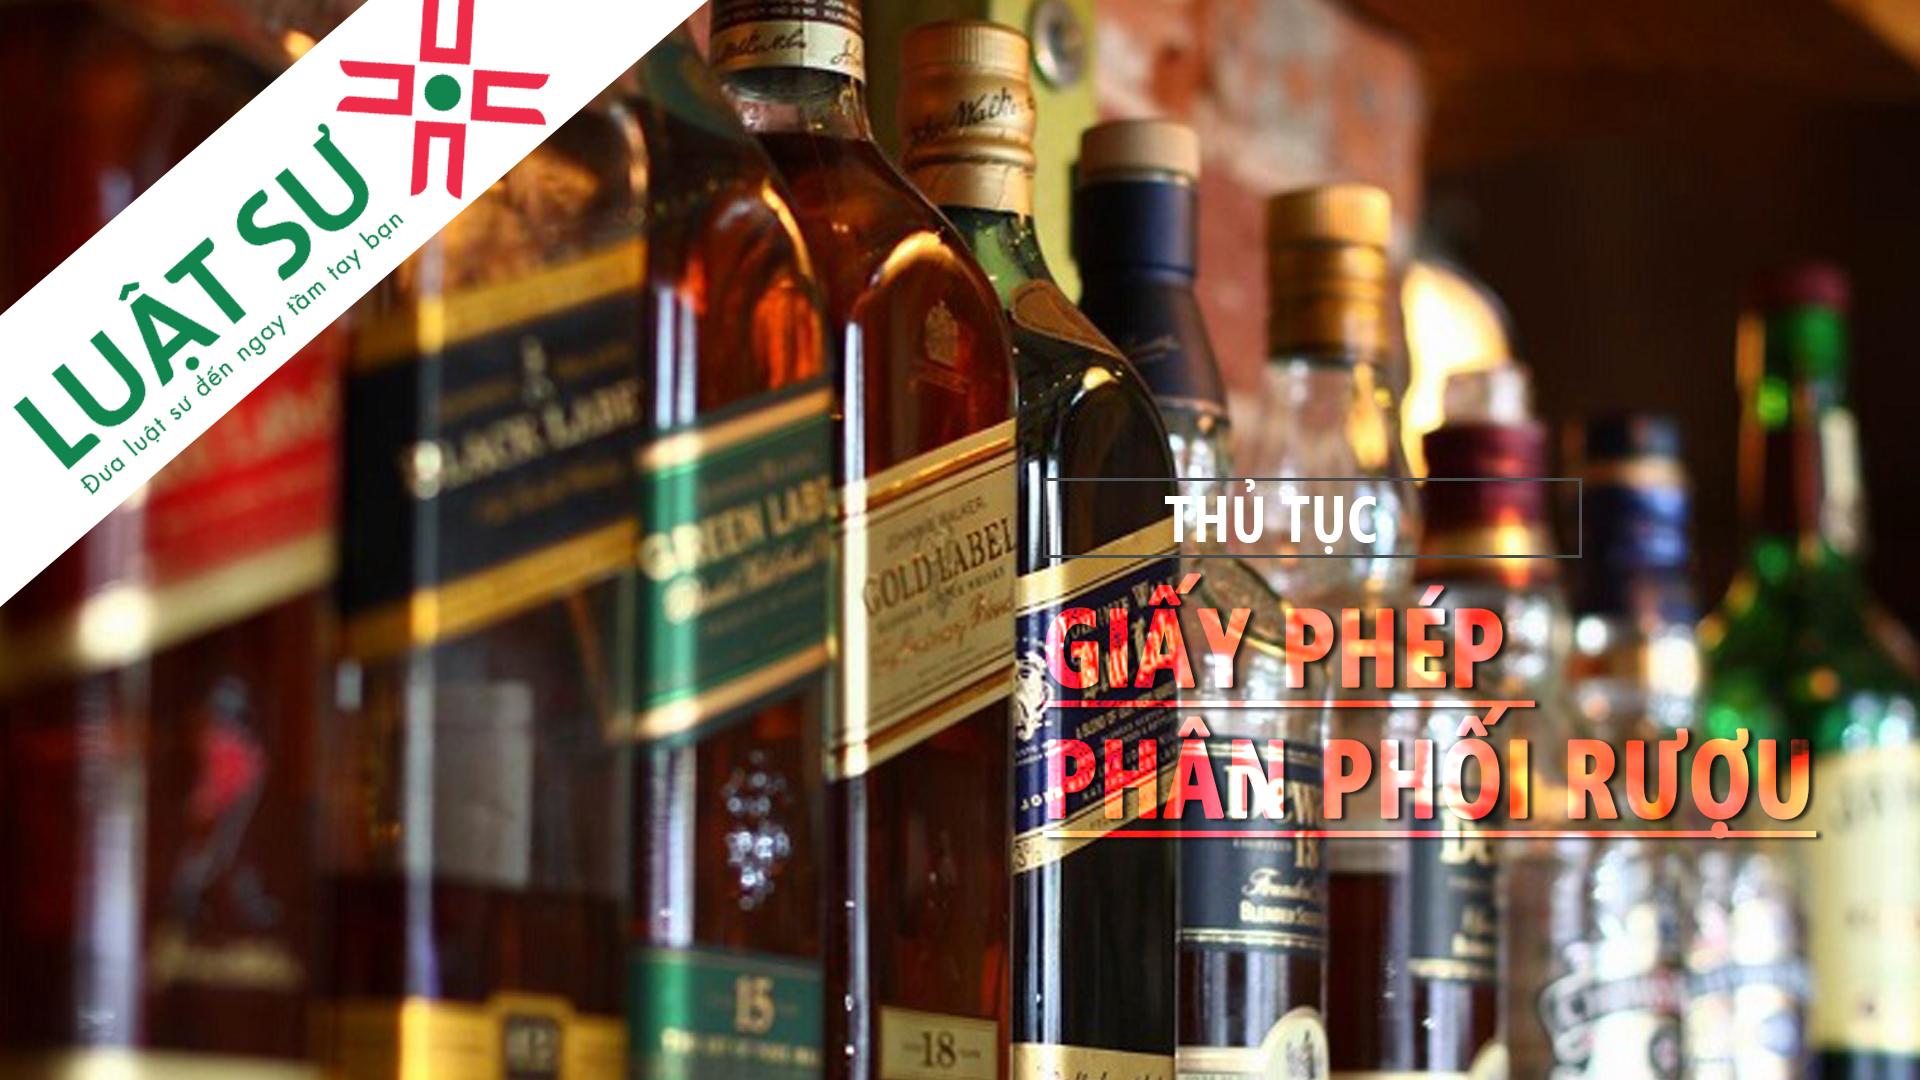 Thủ tục xin giấy phép phân phối sản phẩm rượu